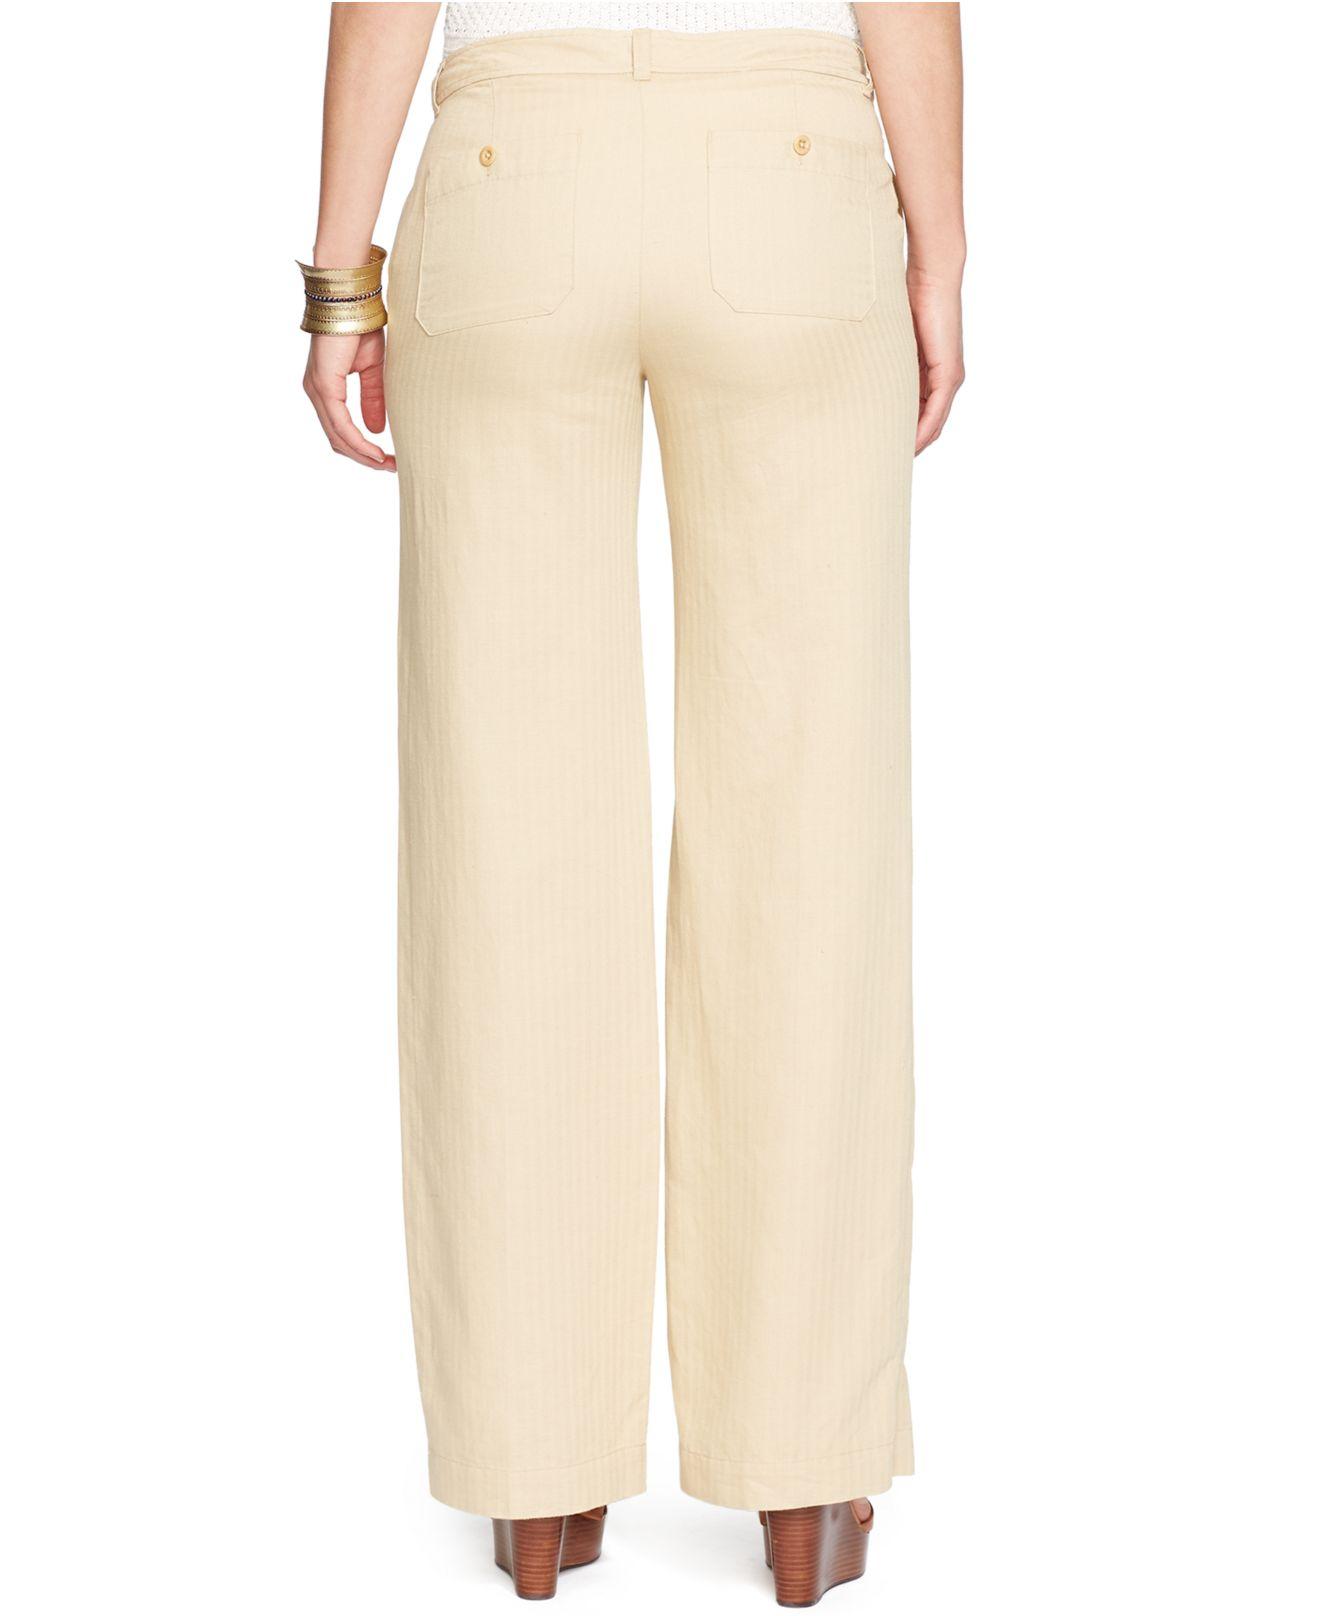 Lauren by ralph lauren Plus Size Linen Wide-Leg Pants in Brown | Lyst